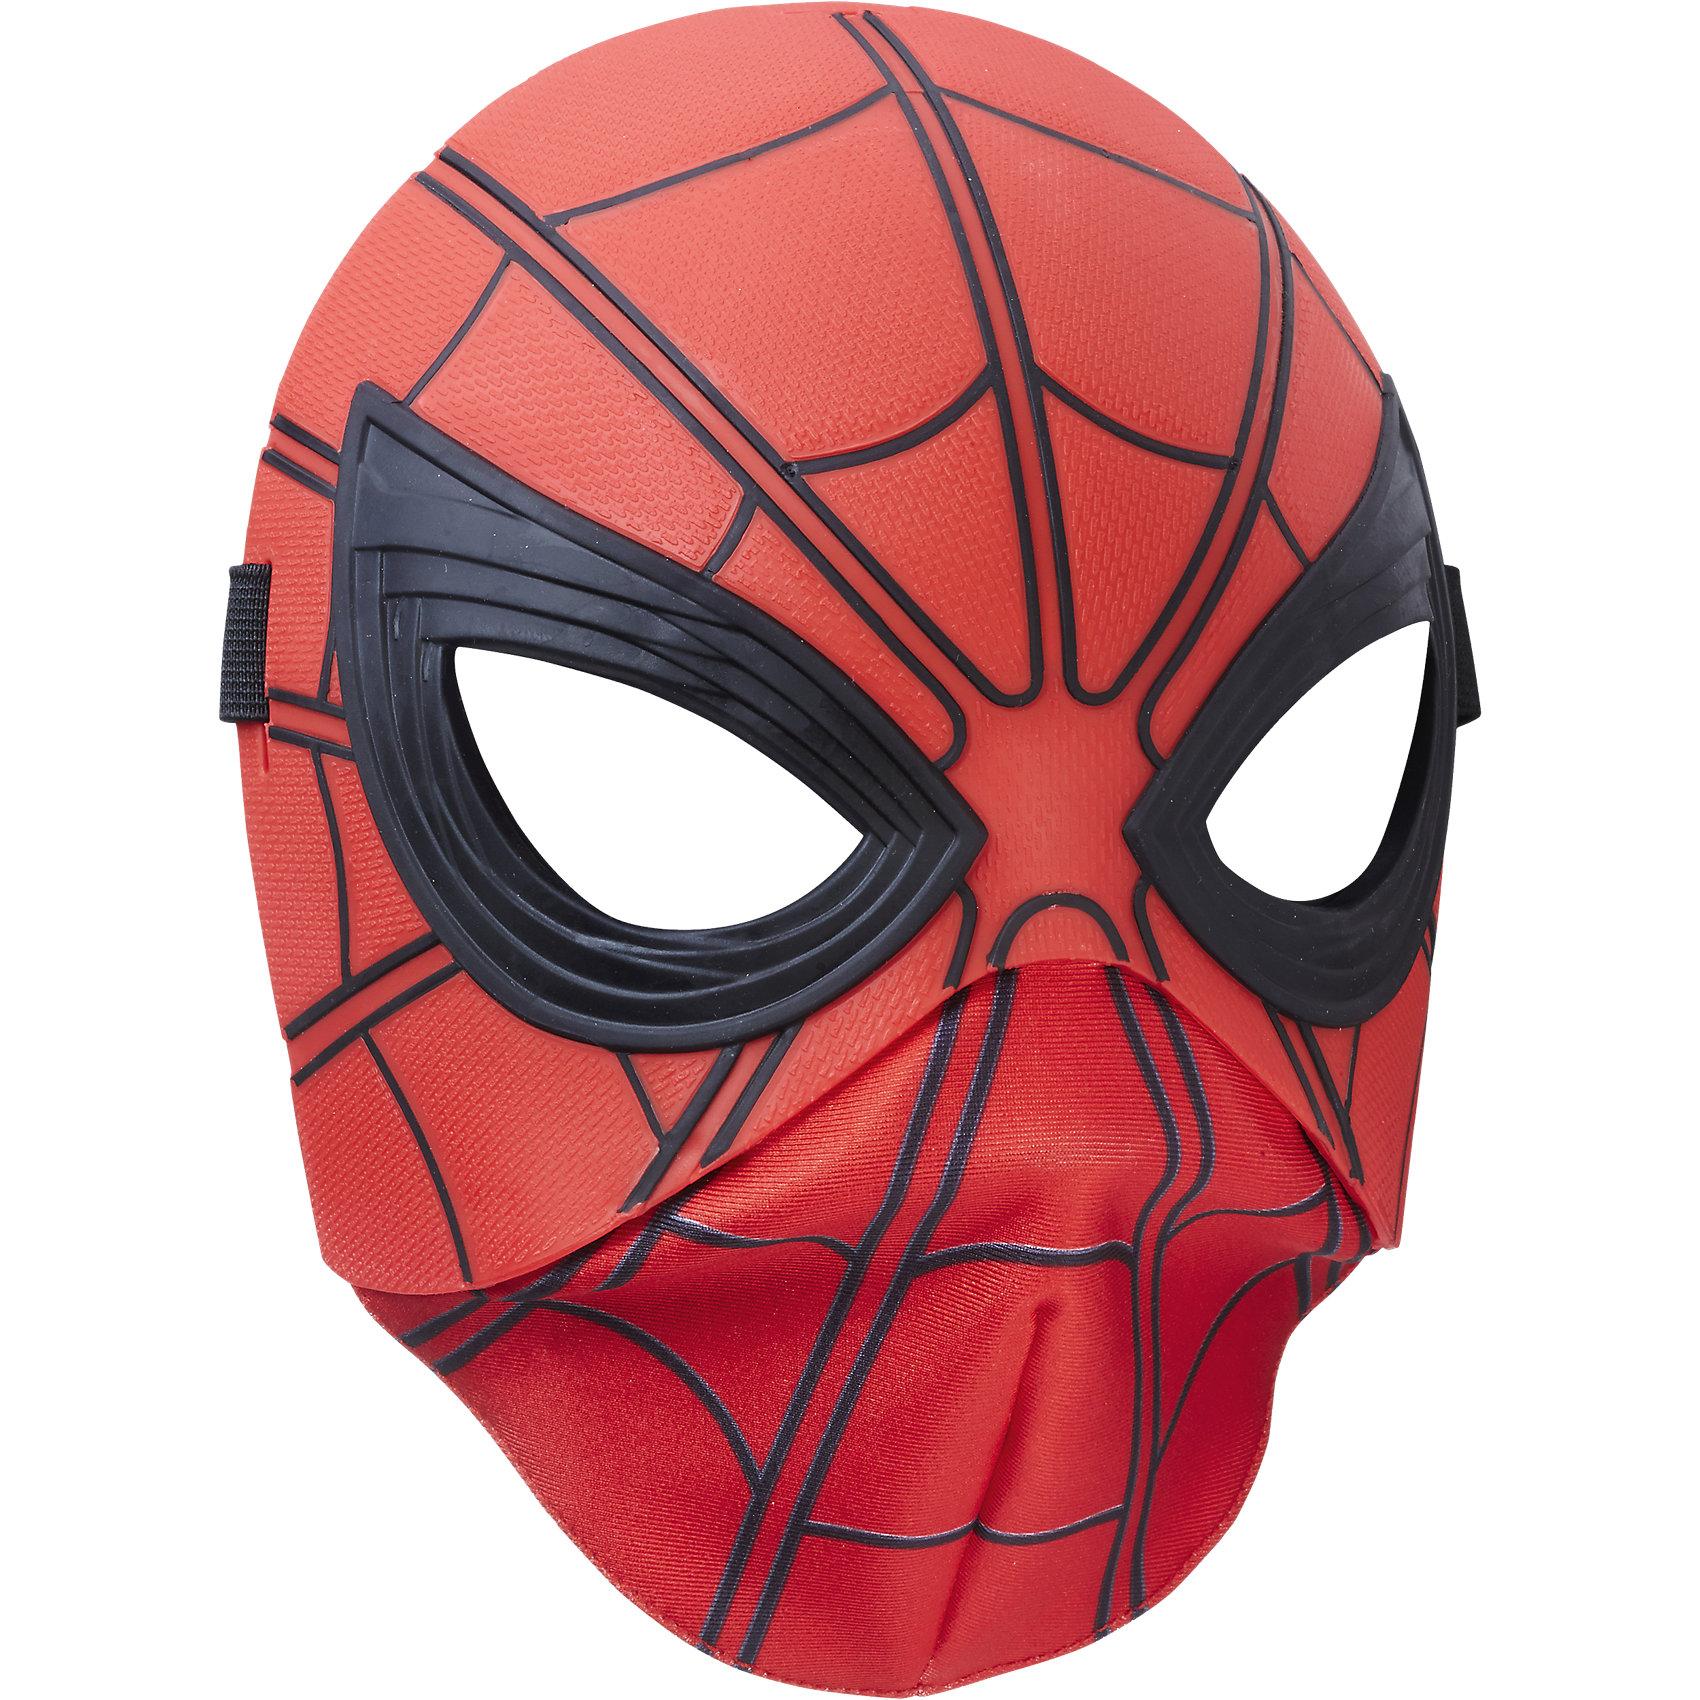 Маска человека-паука, Человек-паук, HasbroСюжетно-ролевые игры<br><br><br>Ширина мм: 255<br>Глубина мм: 195<br>Высота мм: 86<br>Вес г: 144<br>Возраст от месяцев: 60<br>Возраст до месяцев: 120<br>Пол: Мужской<br>Возраст: Детский<br>SKU: 5482543